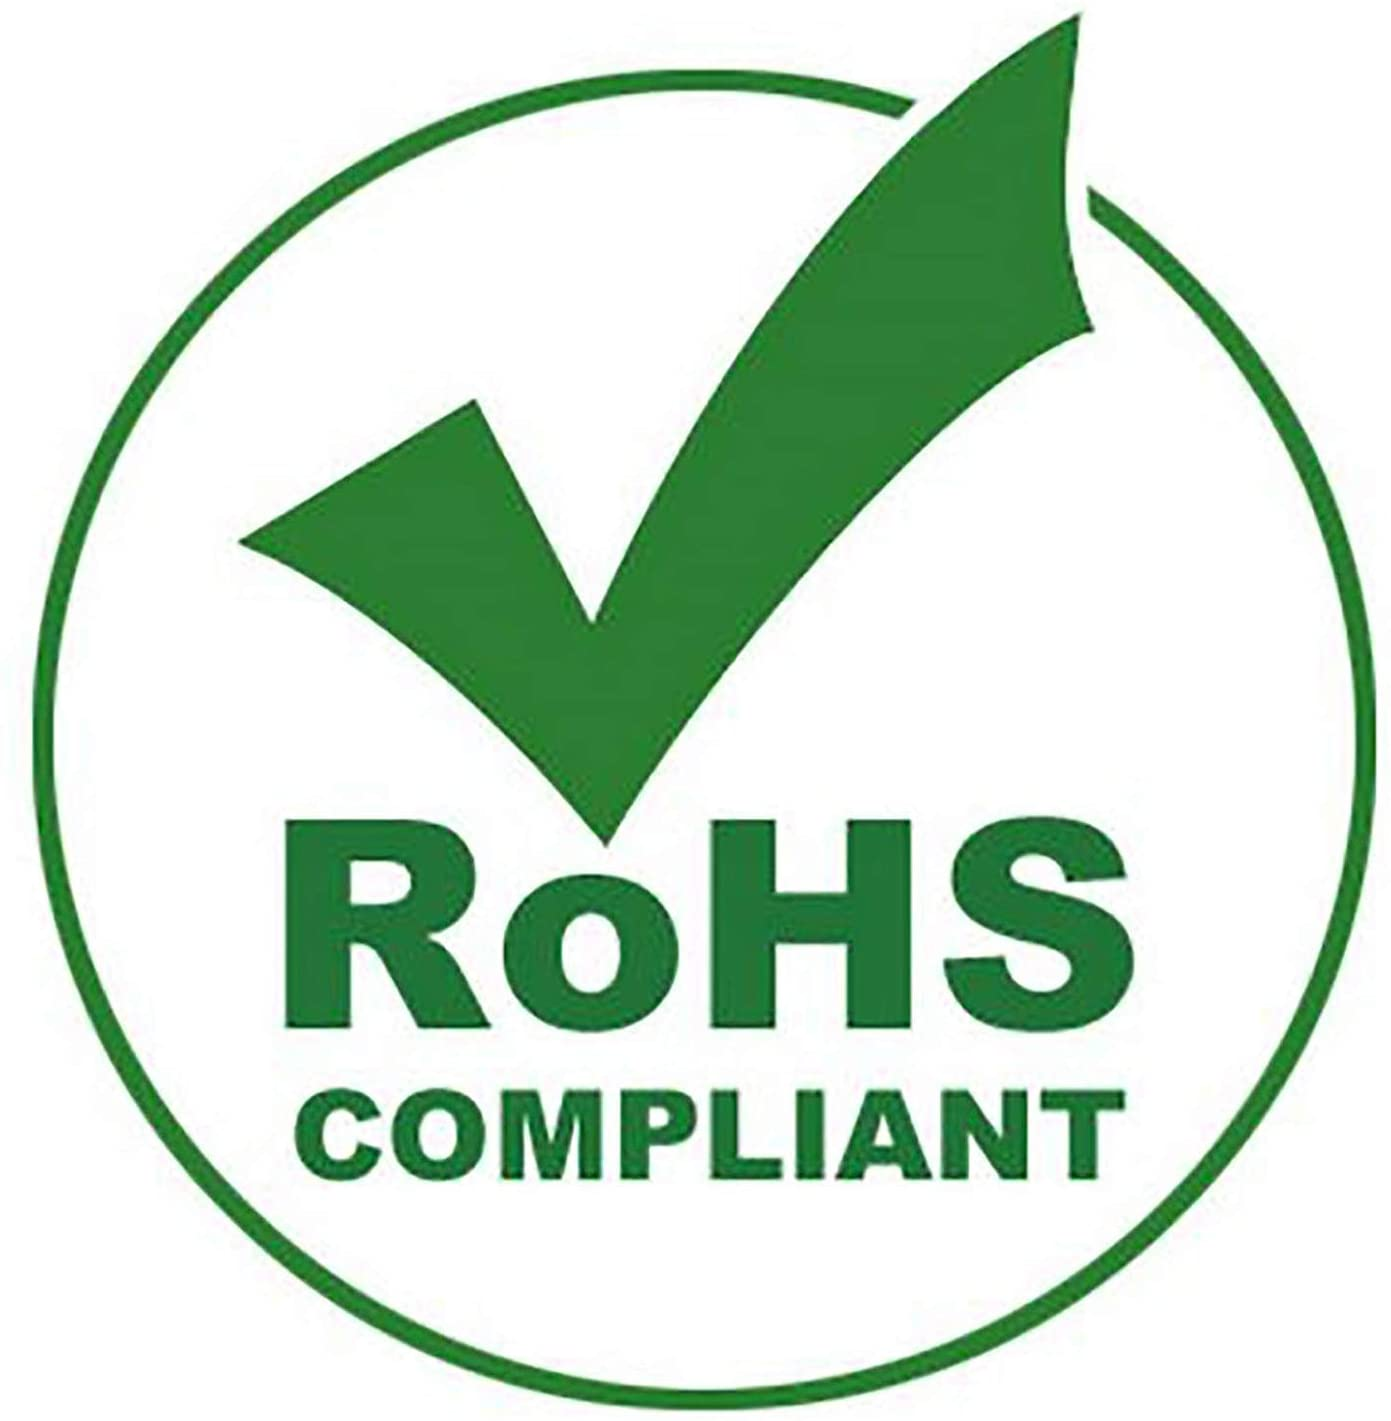 Tiêu chuẩn RoHS là gì